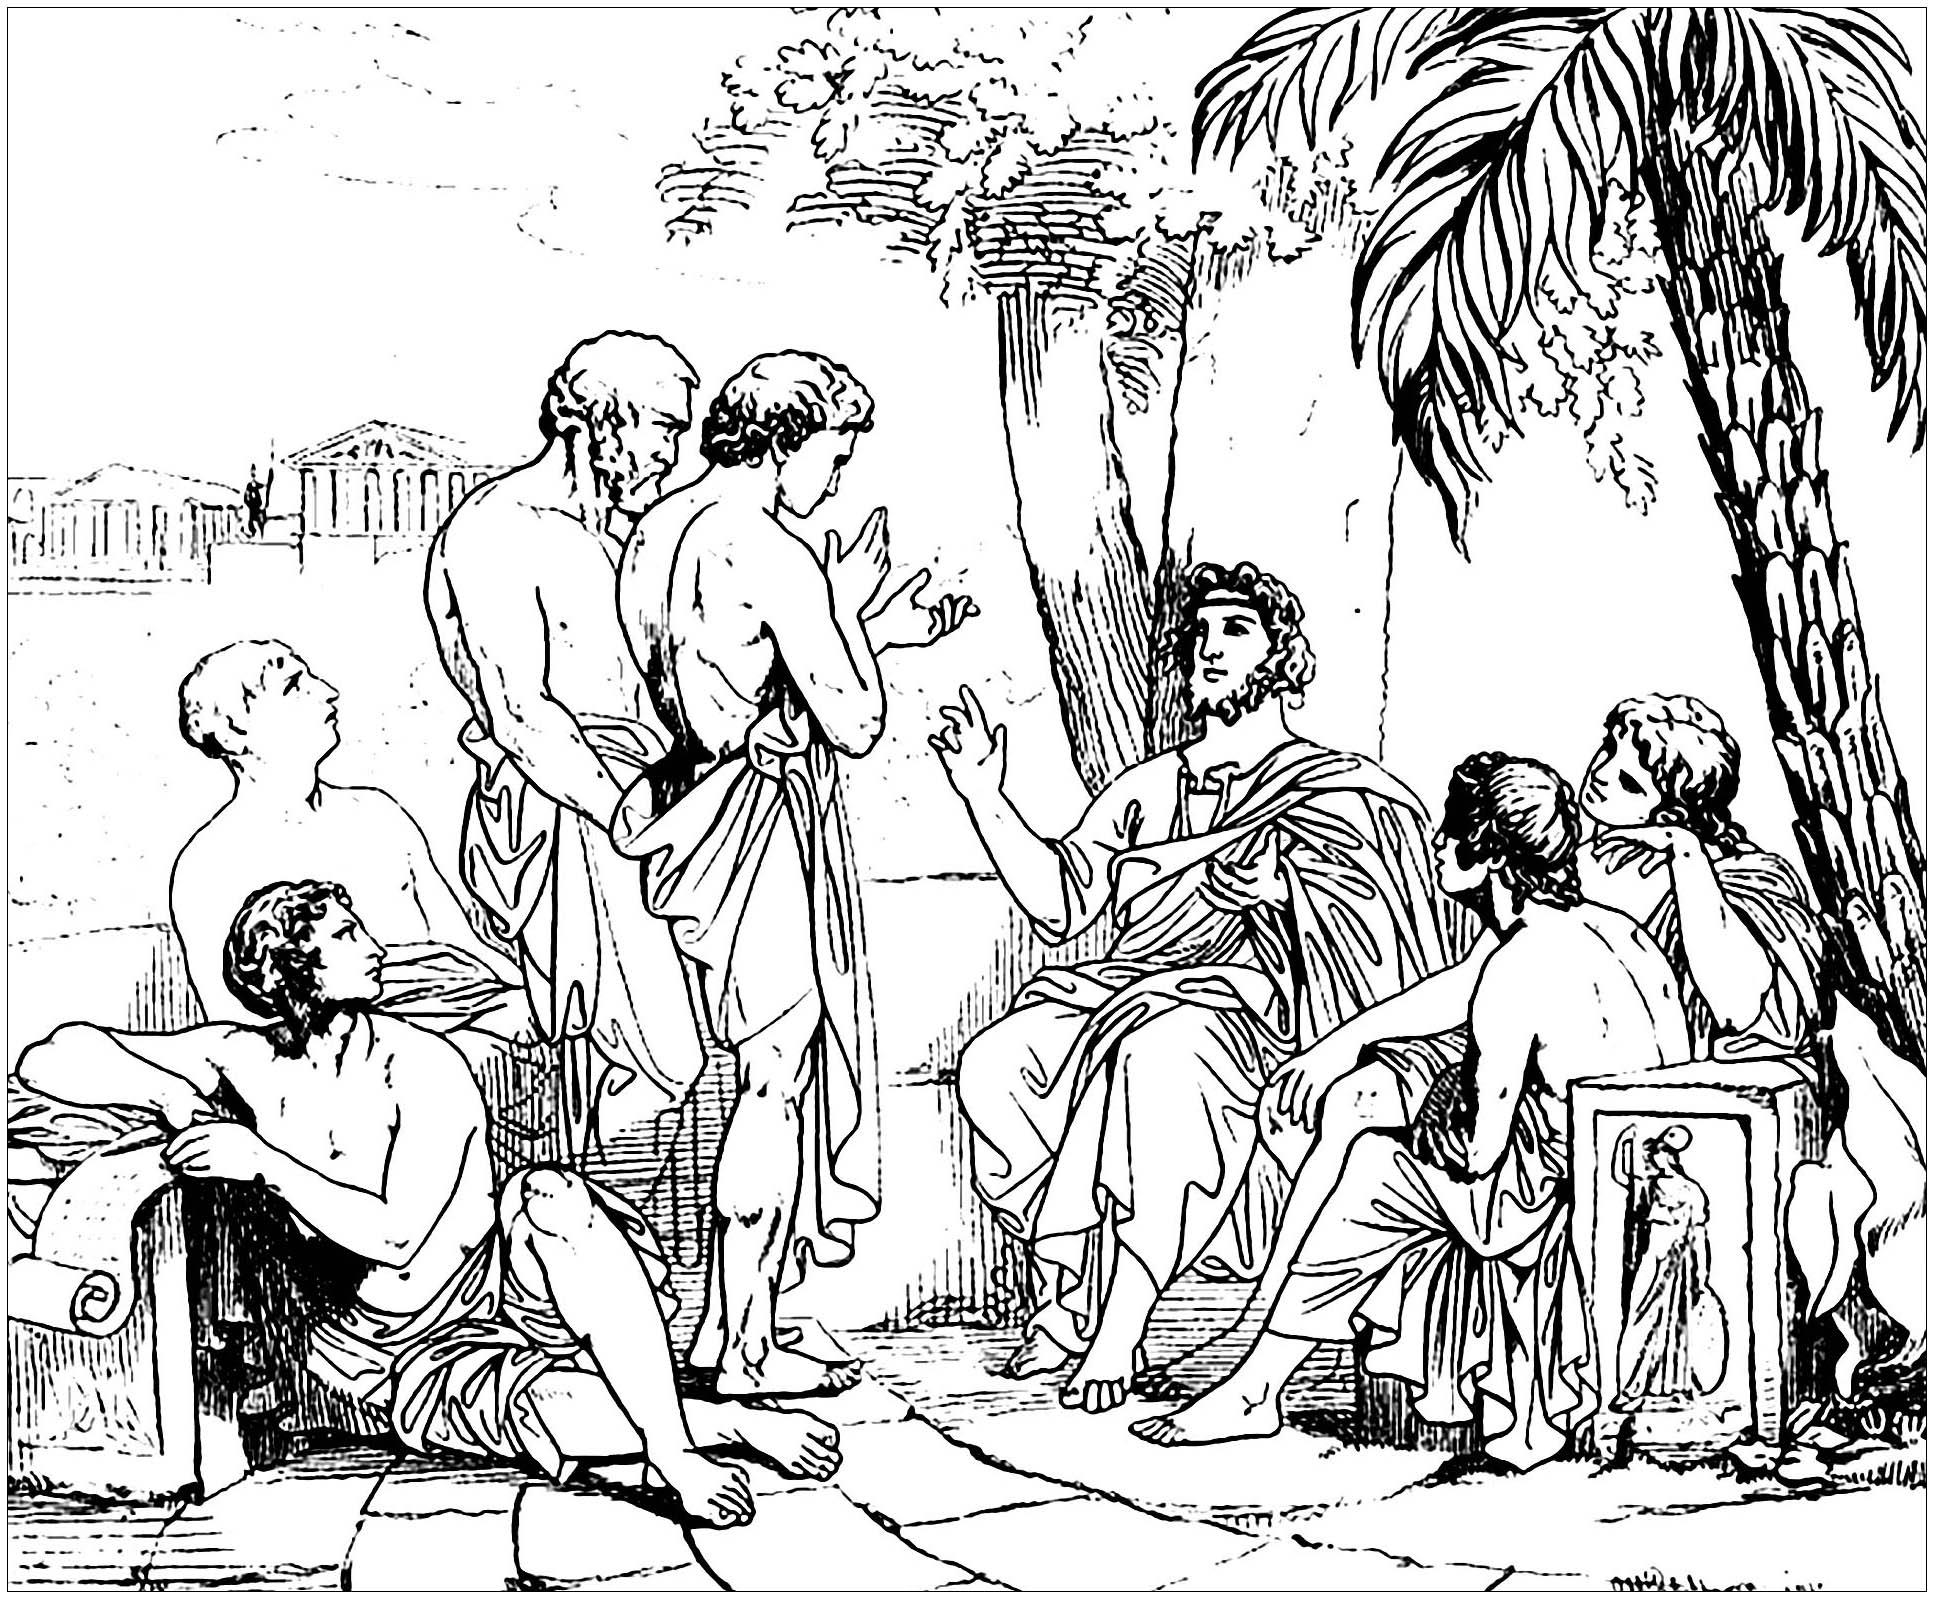 Platon dans son Académie, gravure de 1879 par un artiste inconnu